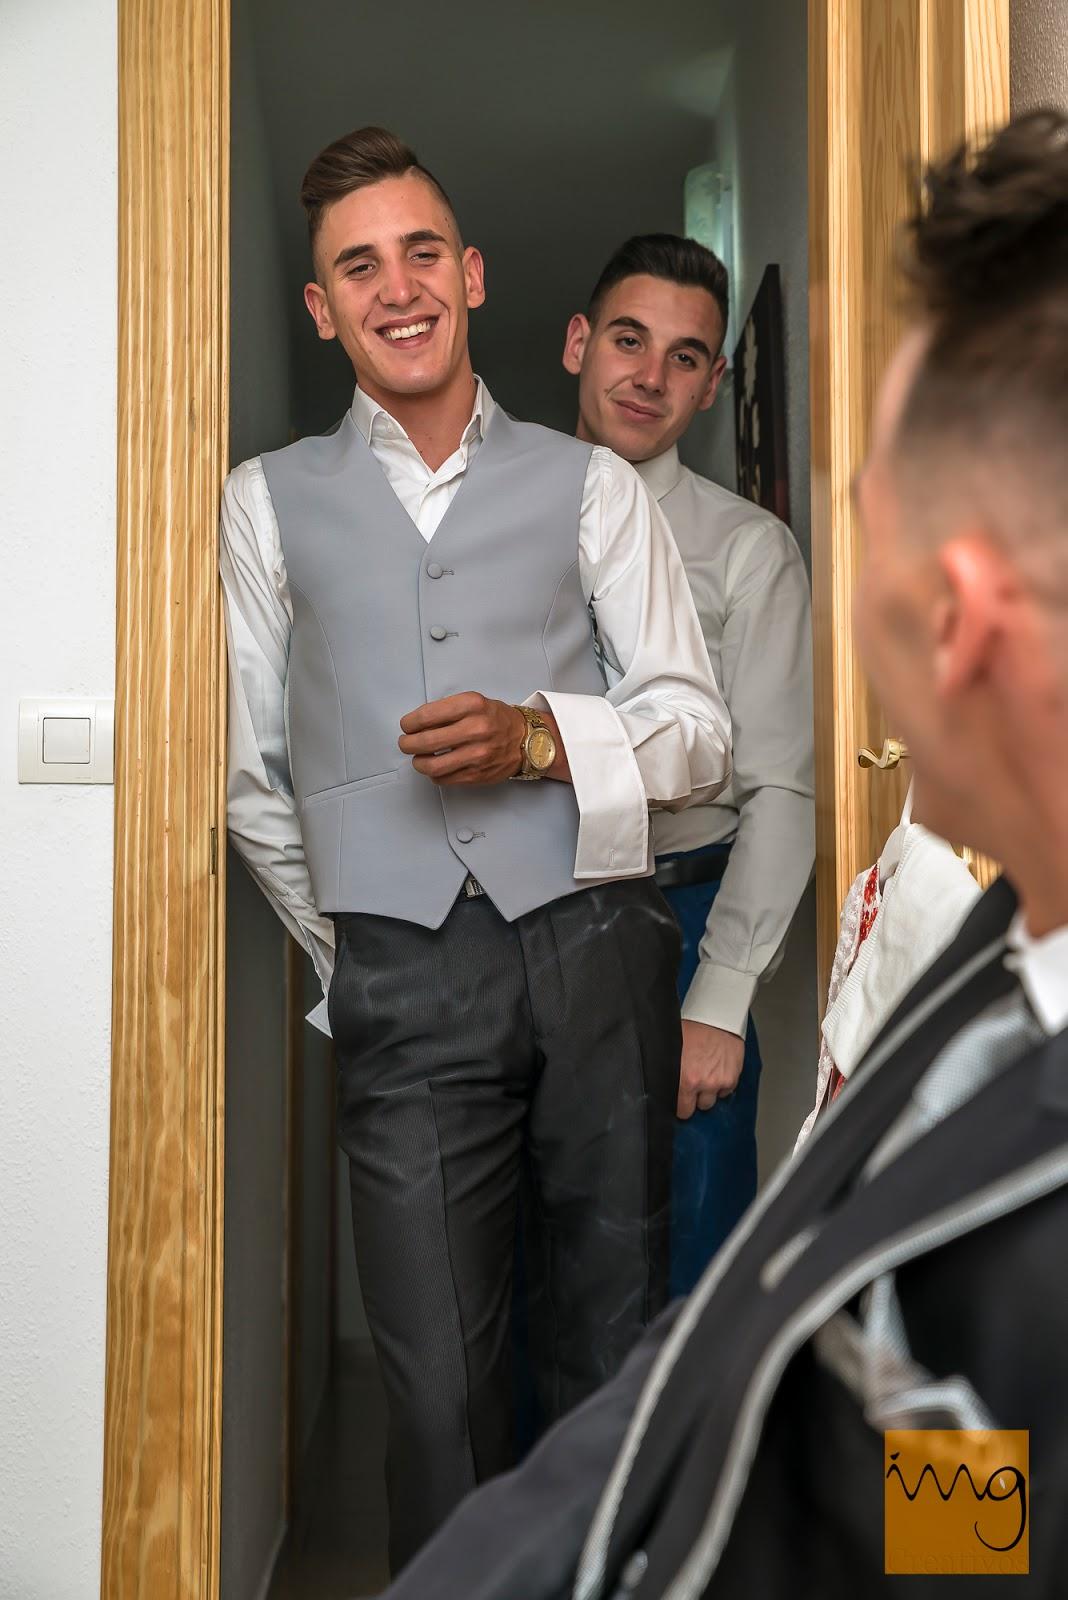 Fotografía de los hermanos del novio el día de su boda